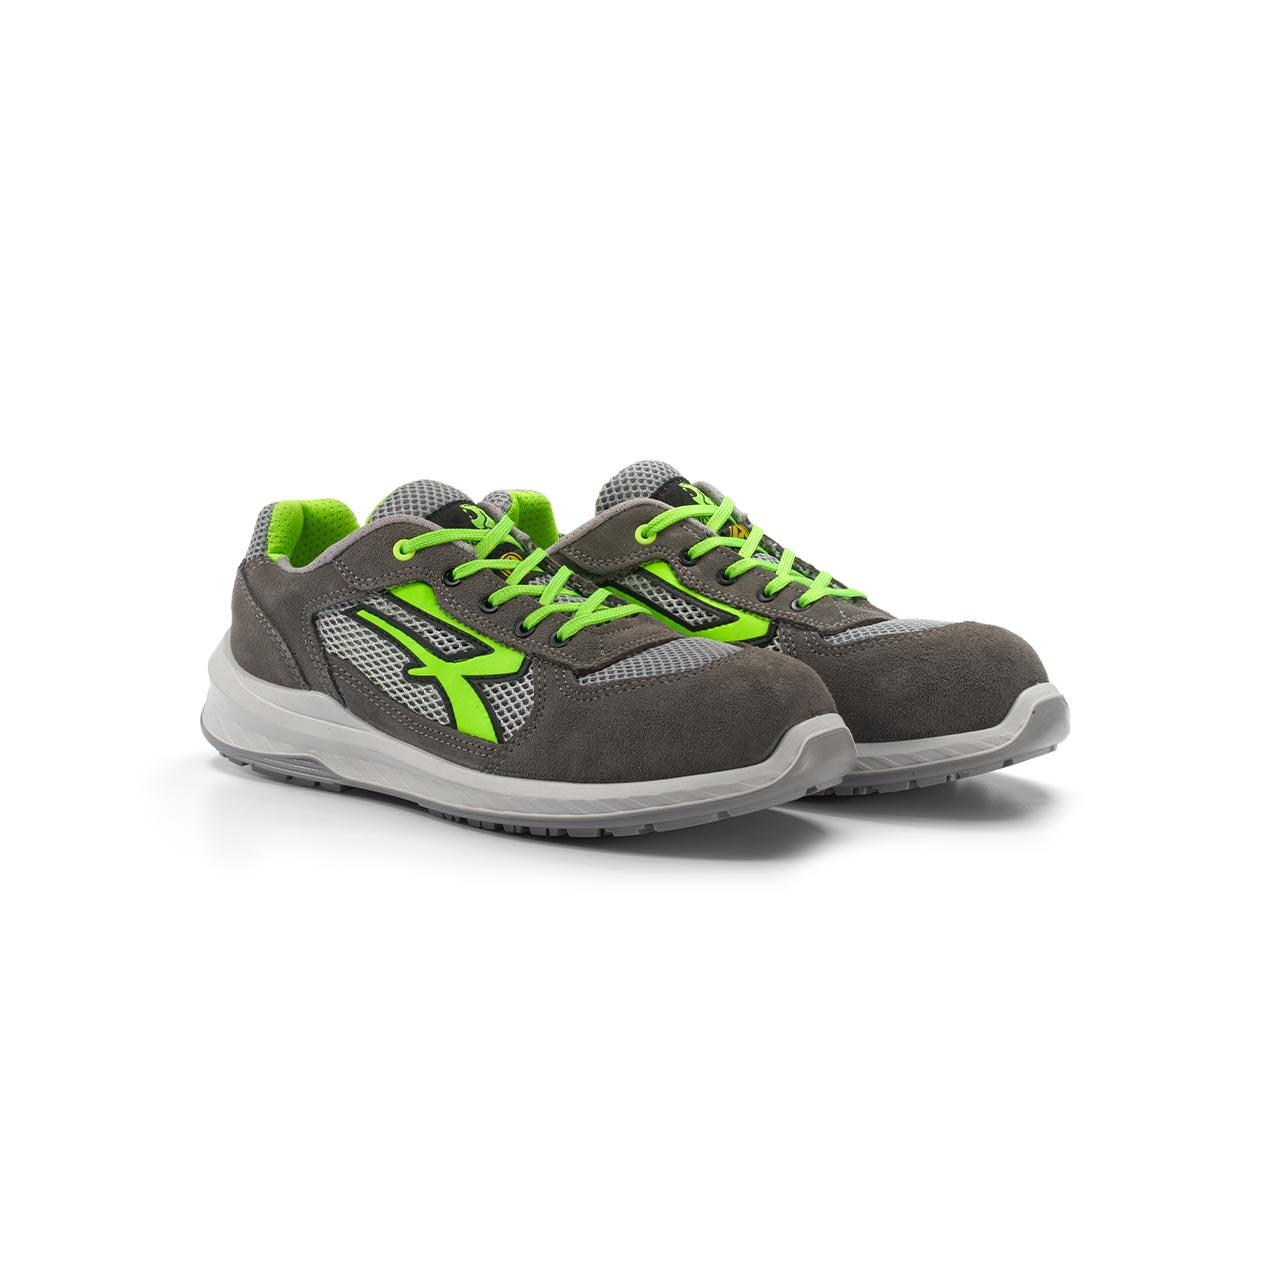 paio di scarpe antinfortunistiche upower modello rio linea redindustry vista prospettica